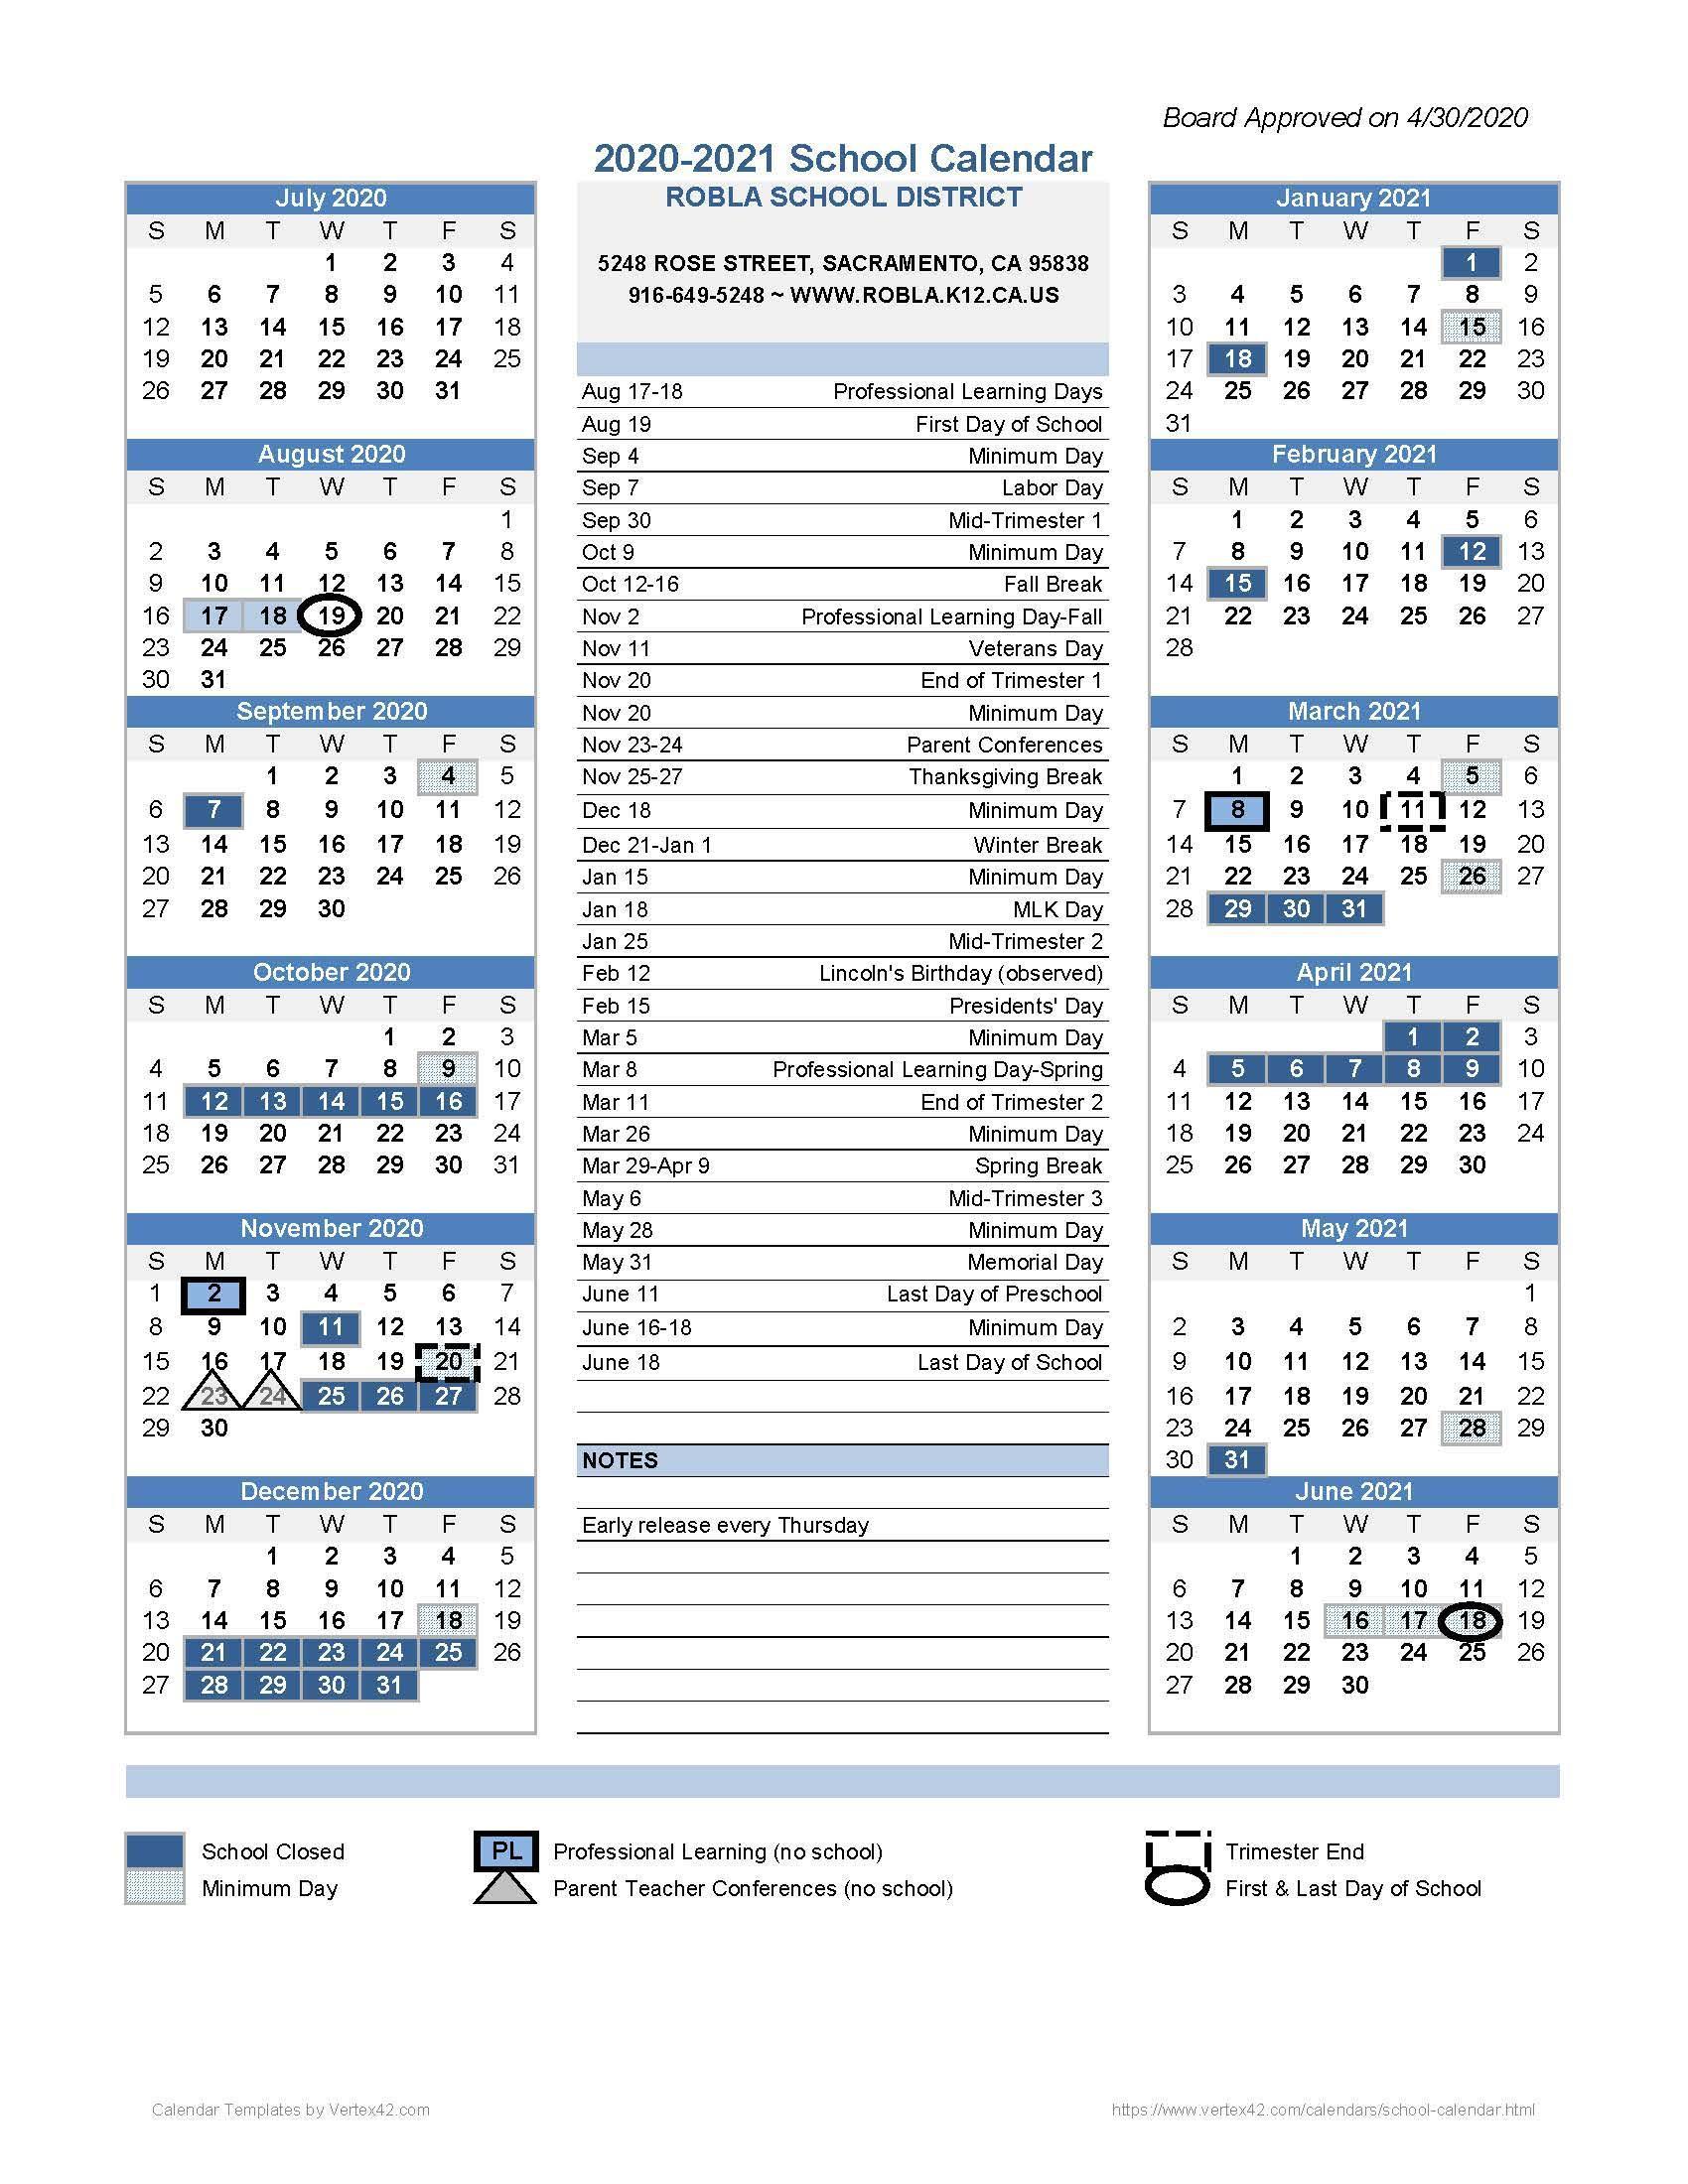 Academic Calendar / 2020 2021 Pertaining To Corona Norco Throughout Aiken County Public School Calendar 2021